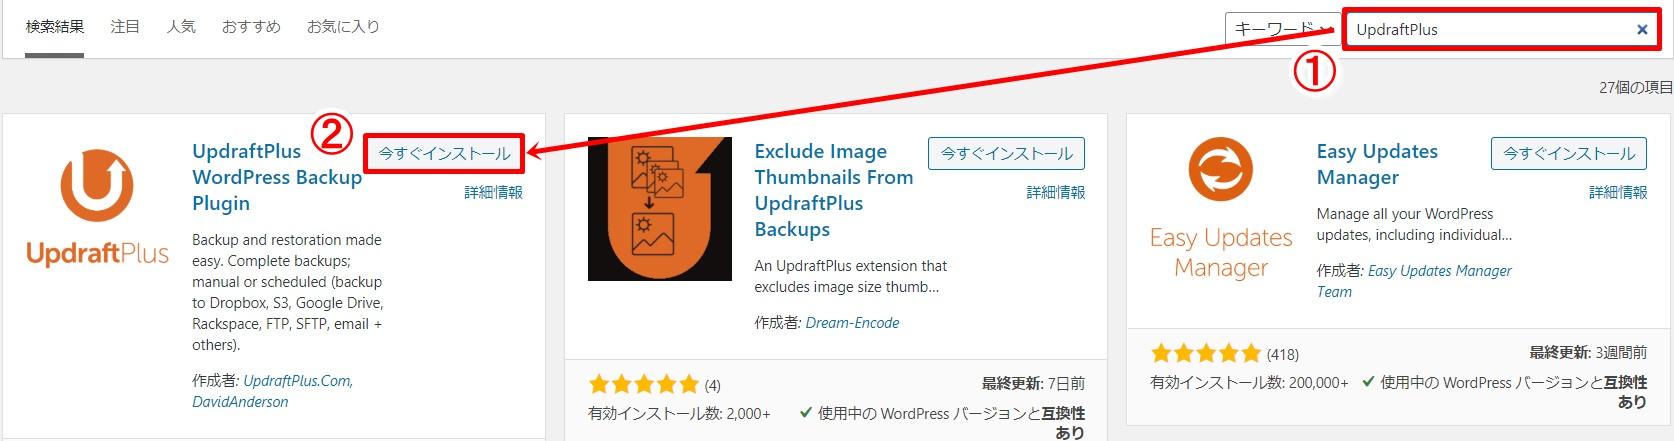 UpdraftPlusで簡単・自動でバックアップをとる方法